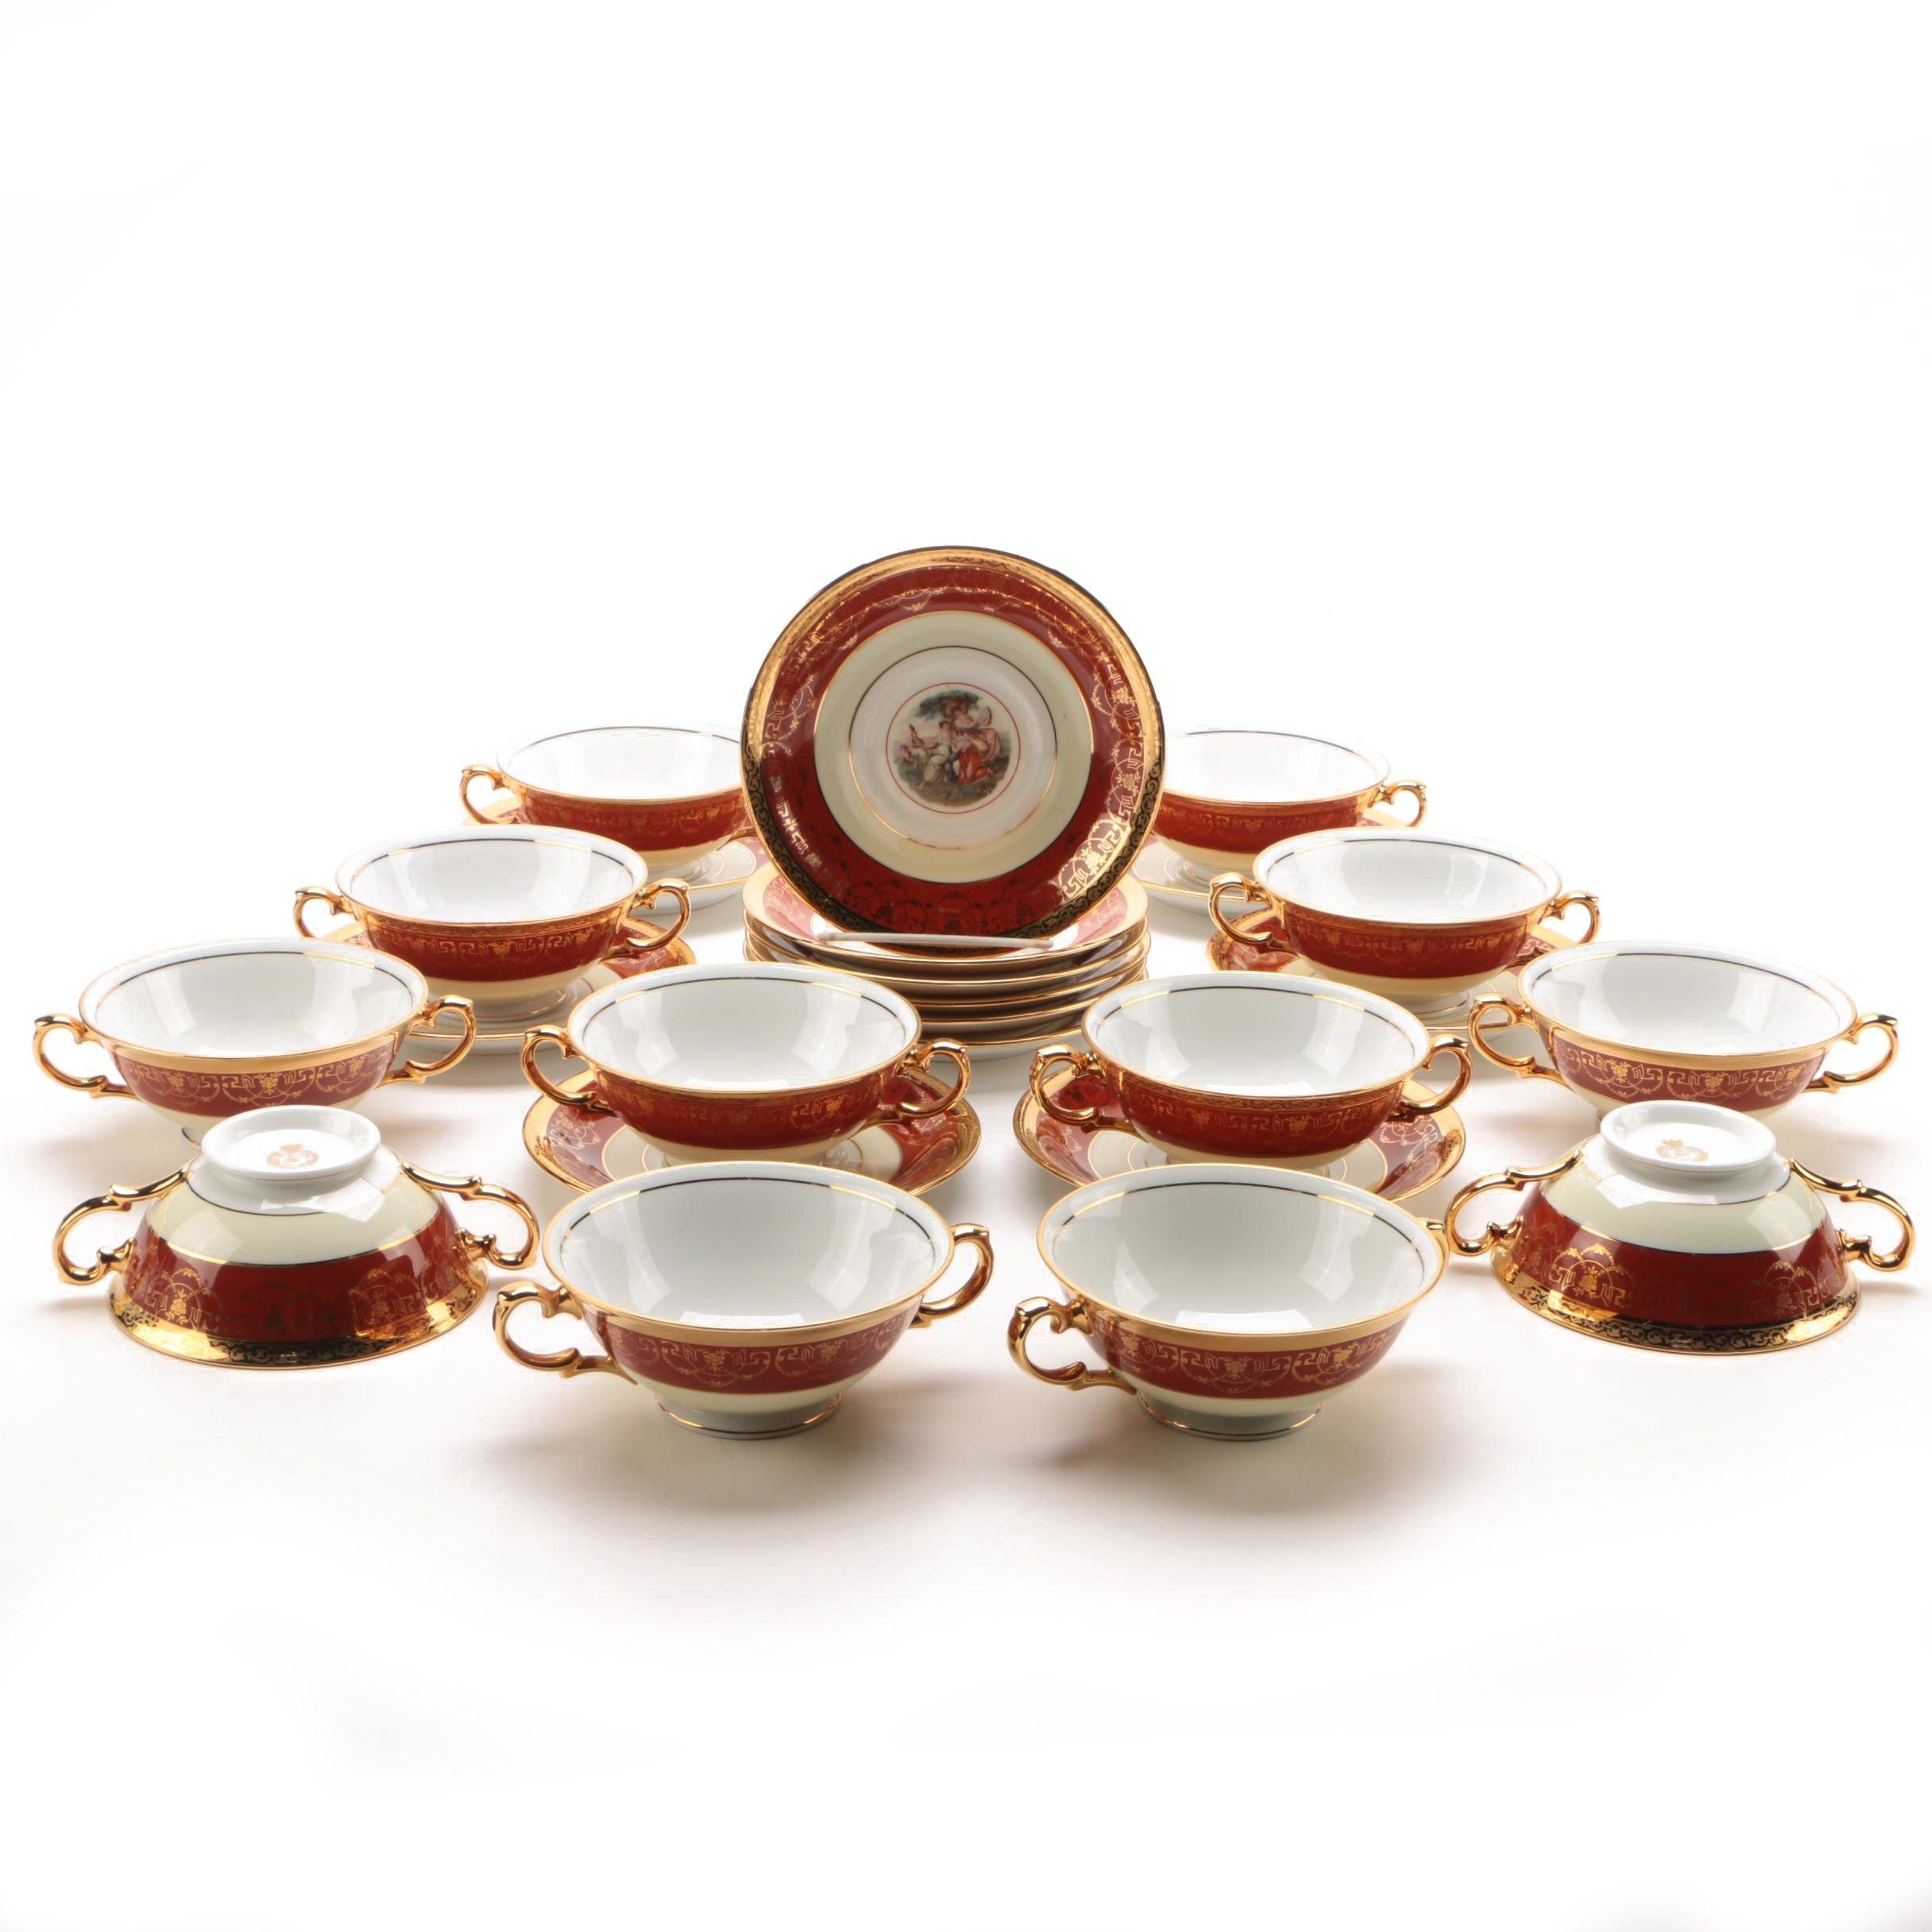 Le Mieux Porcelain Cream Soup Bowls and Saucers